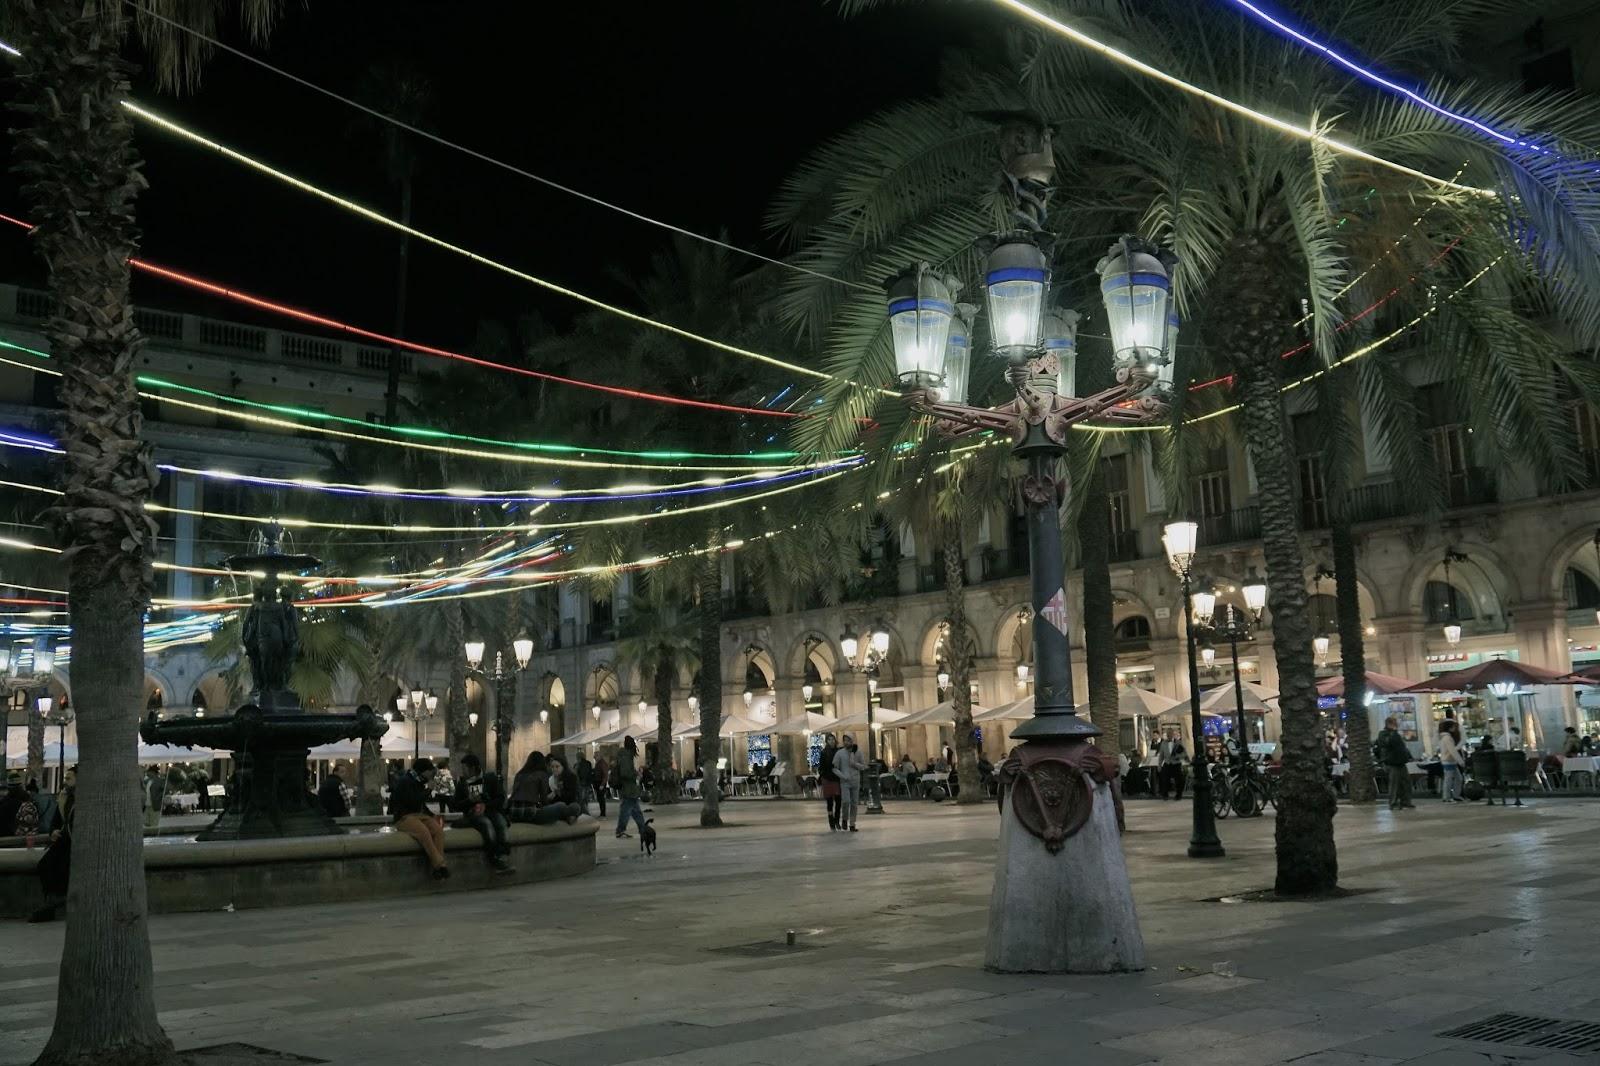 レイアール広場のクリスマス・イルミネーションと街灯